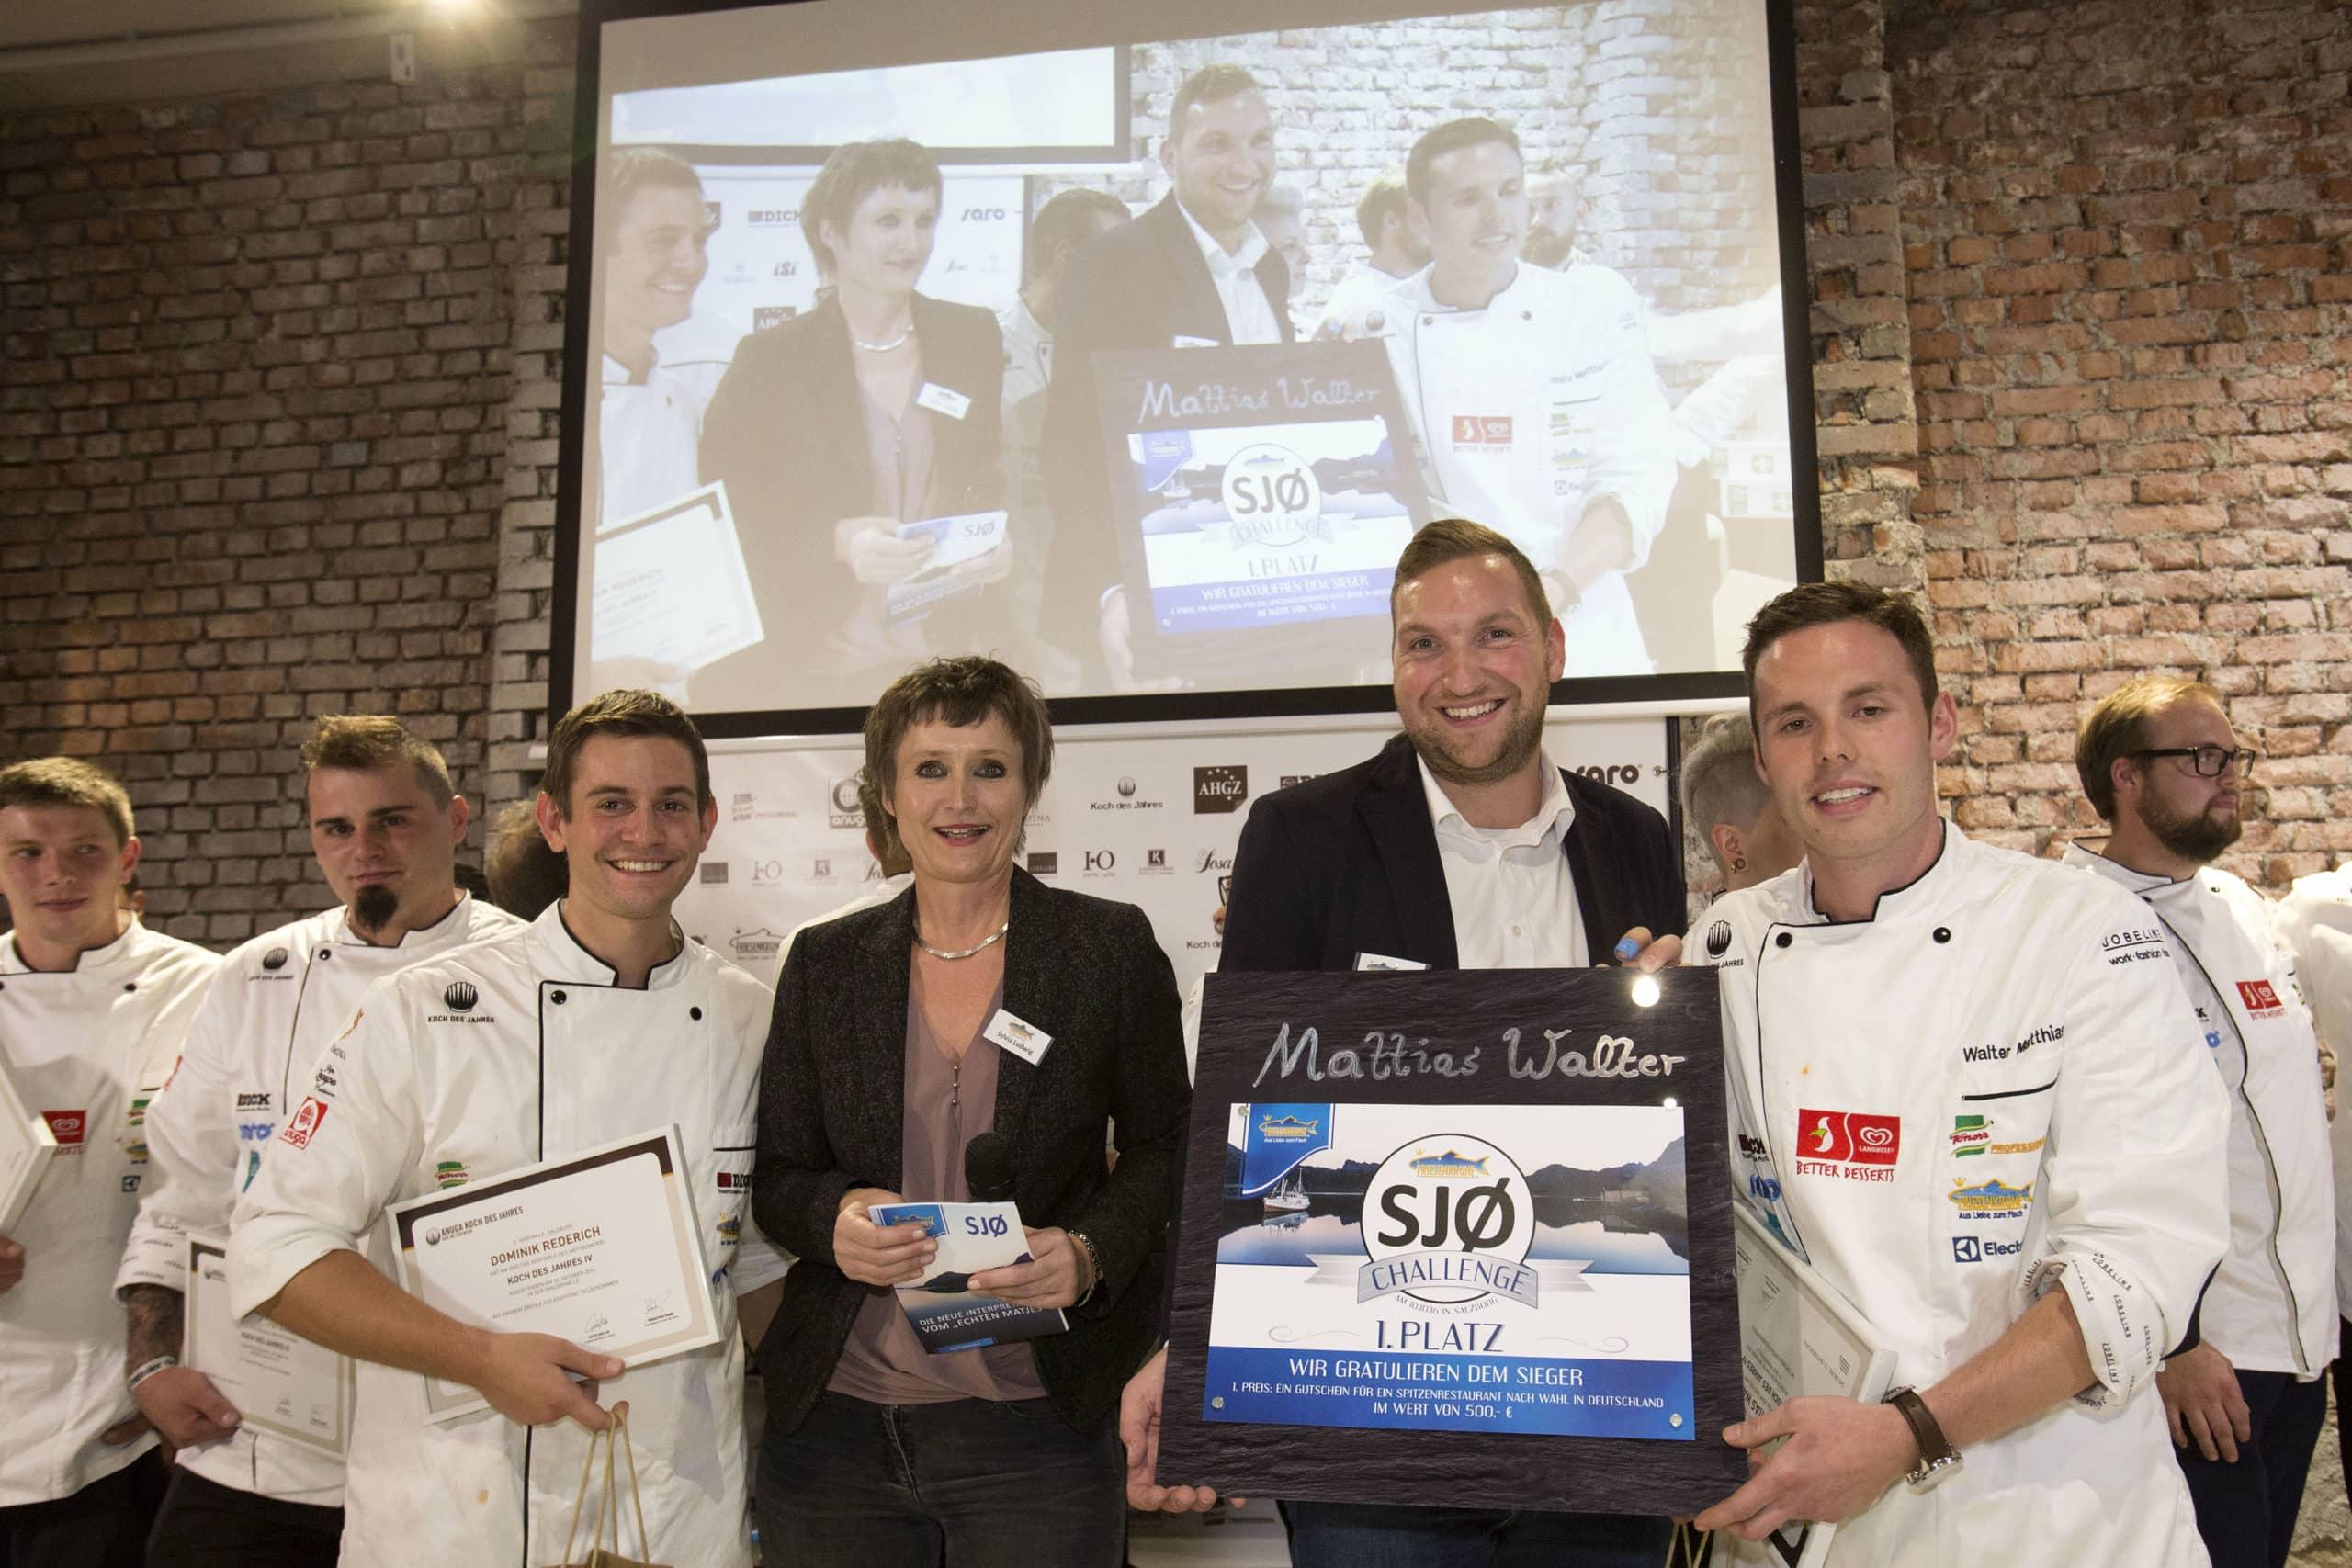 Koch des Jahres Vorfinale mit Friesenkrone (c) Melanie Bauer Photodesign